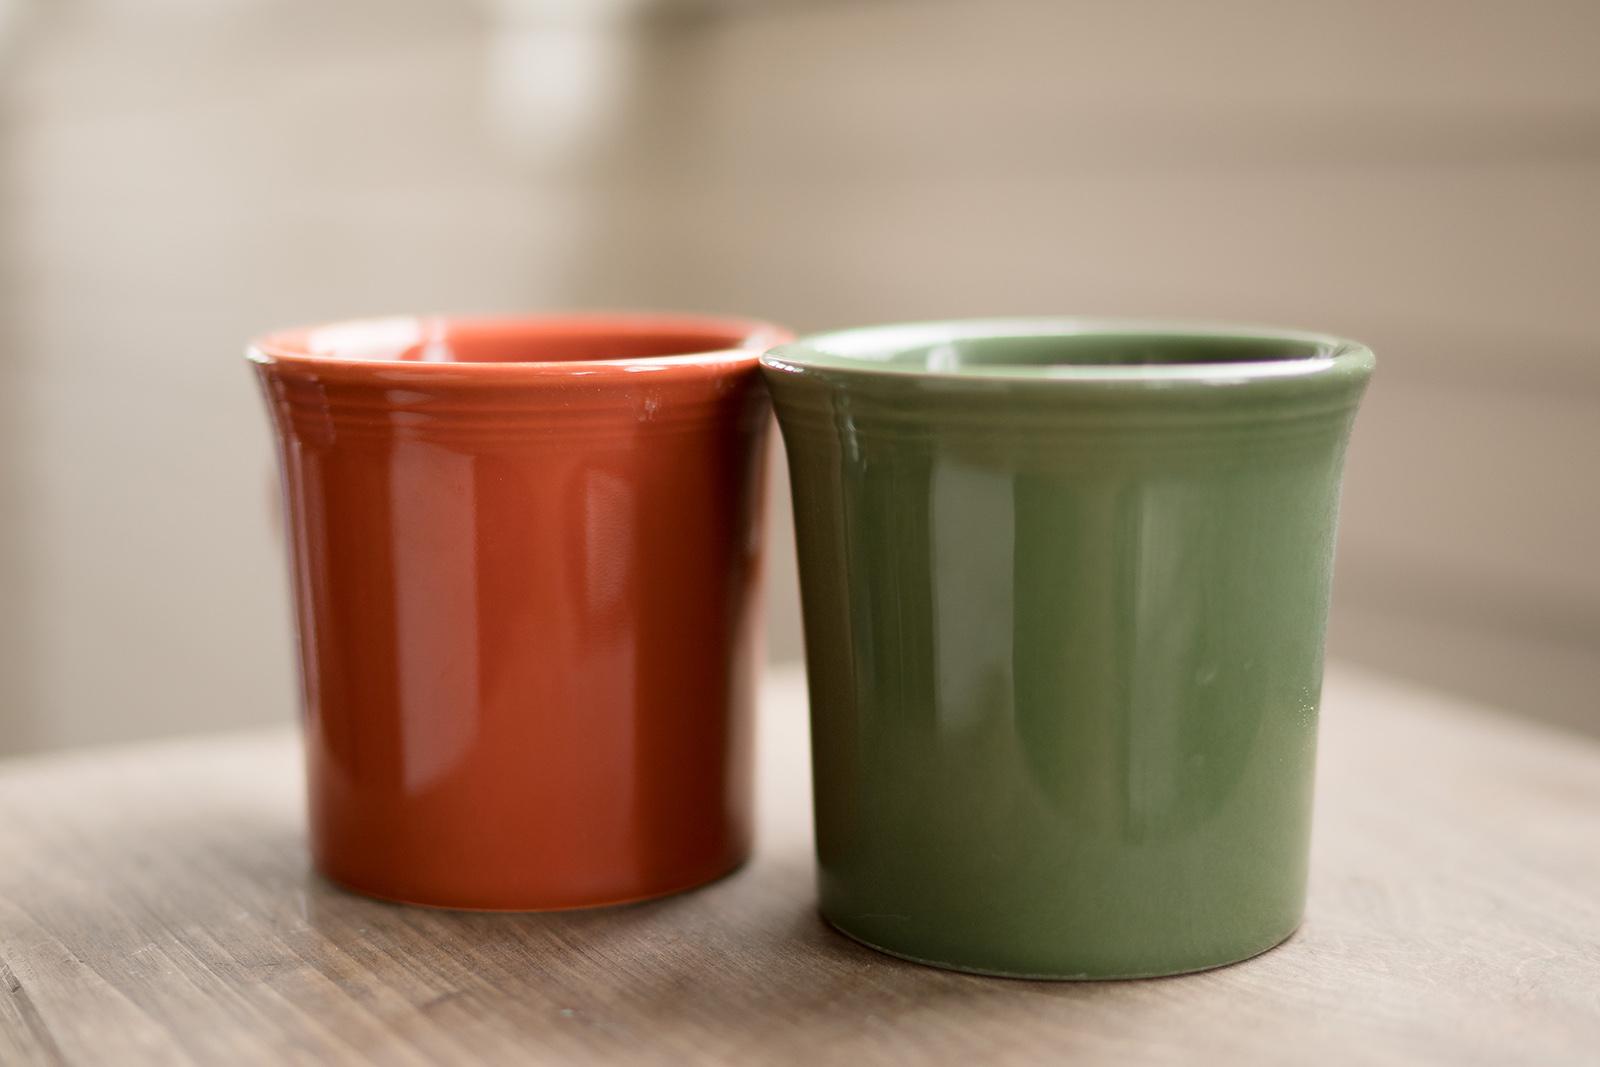 Fiesta-ware mugs by Caroline Jensen